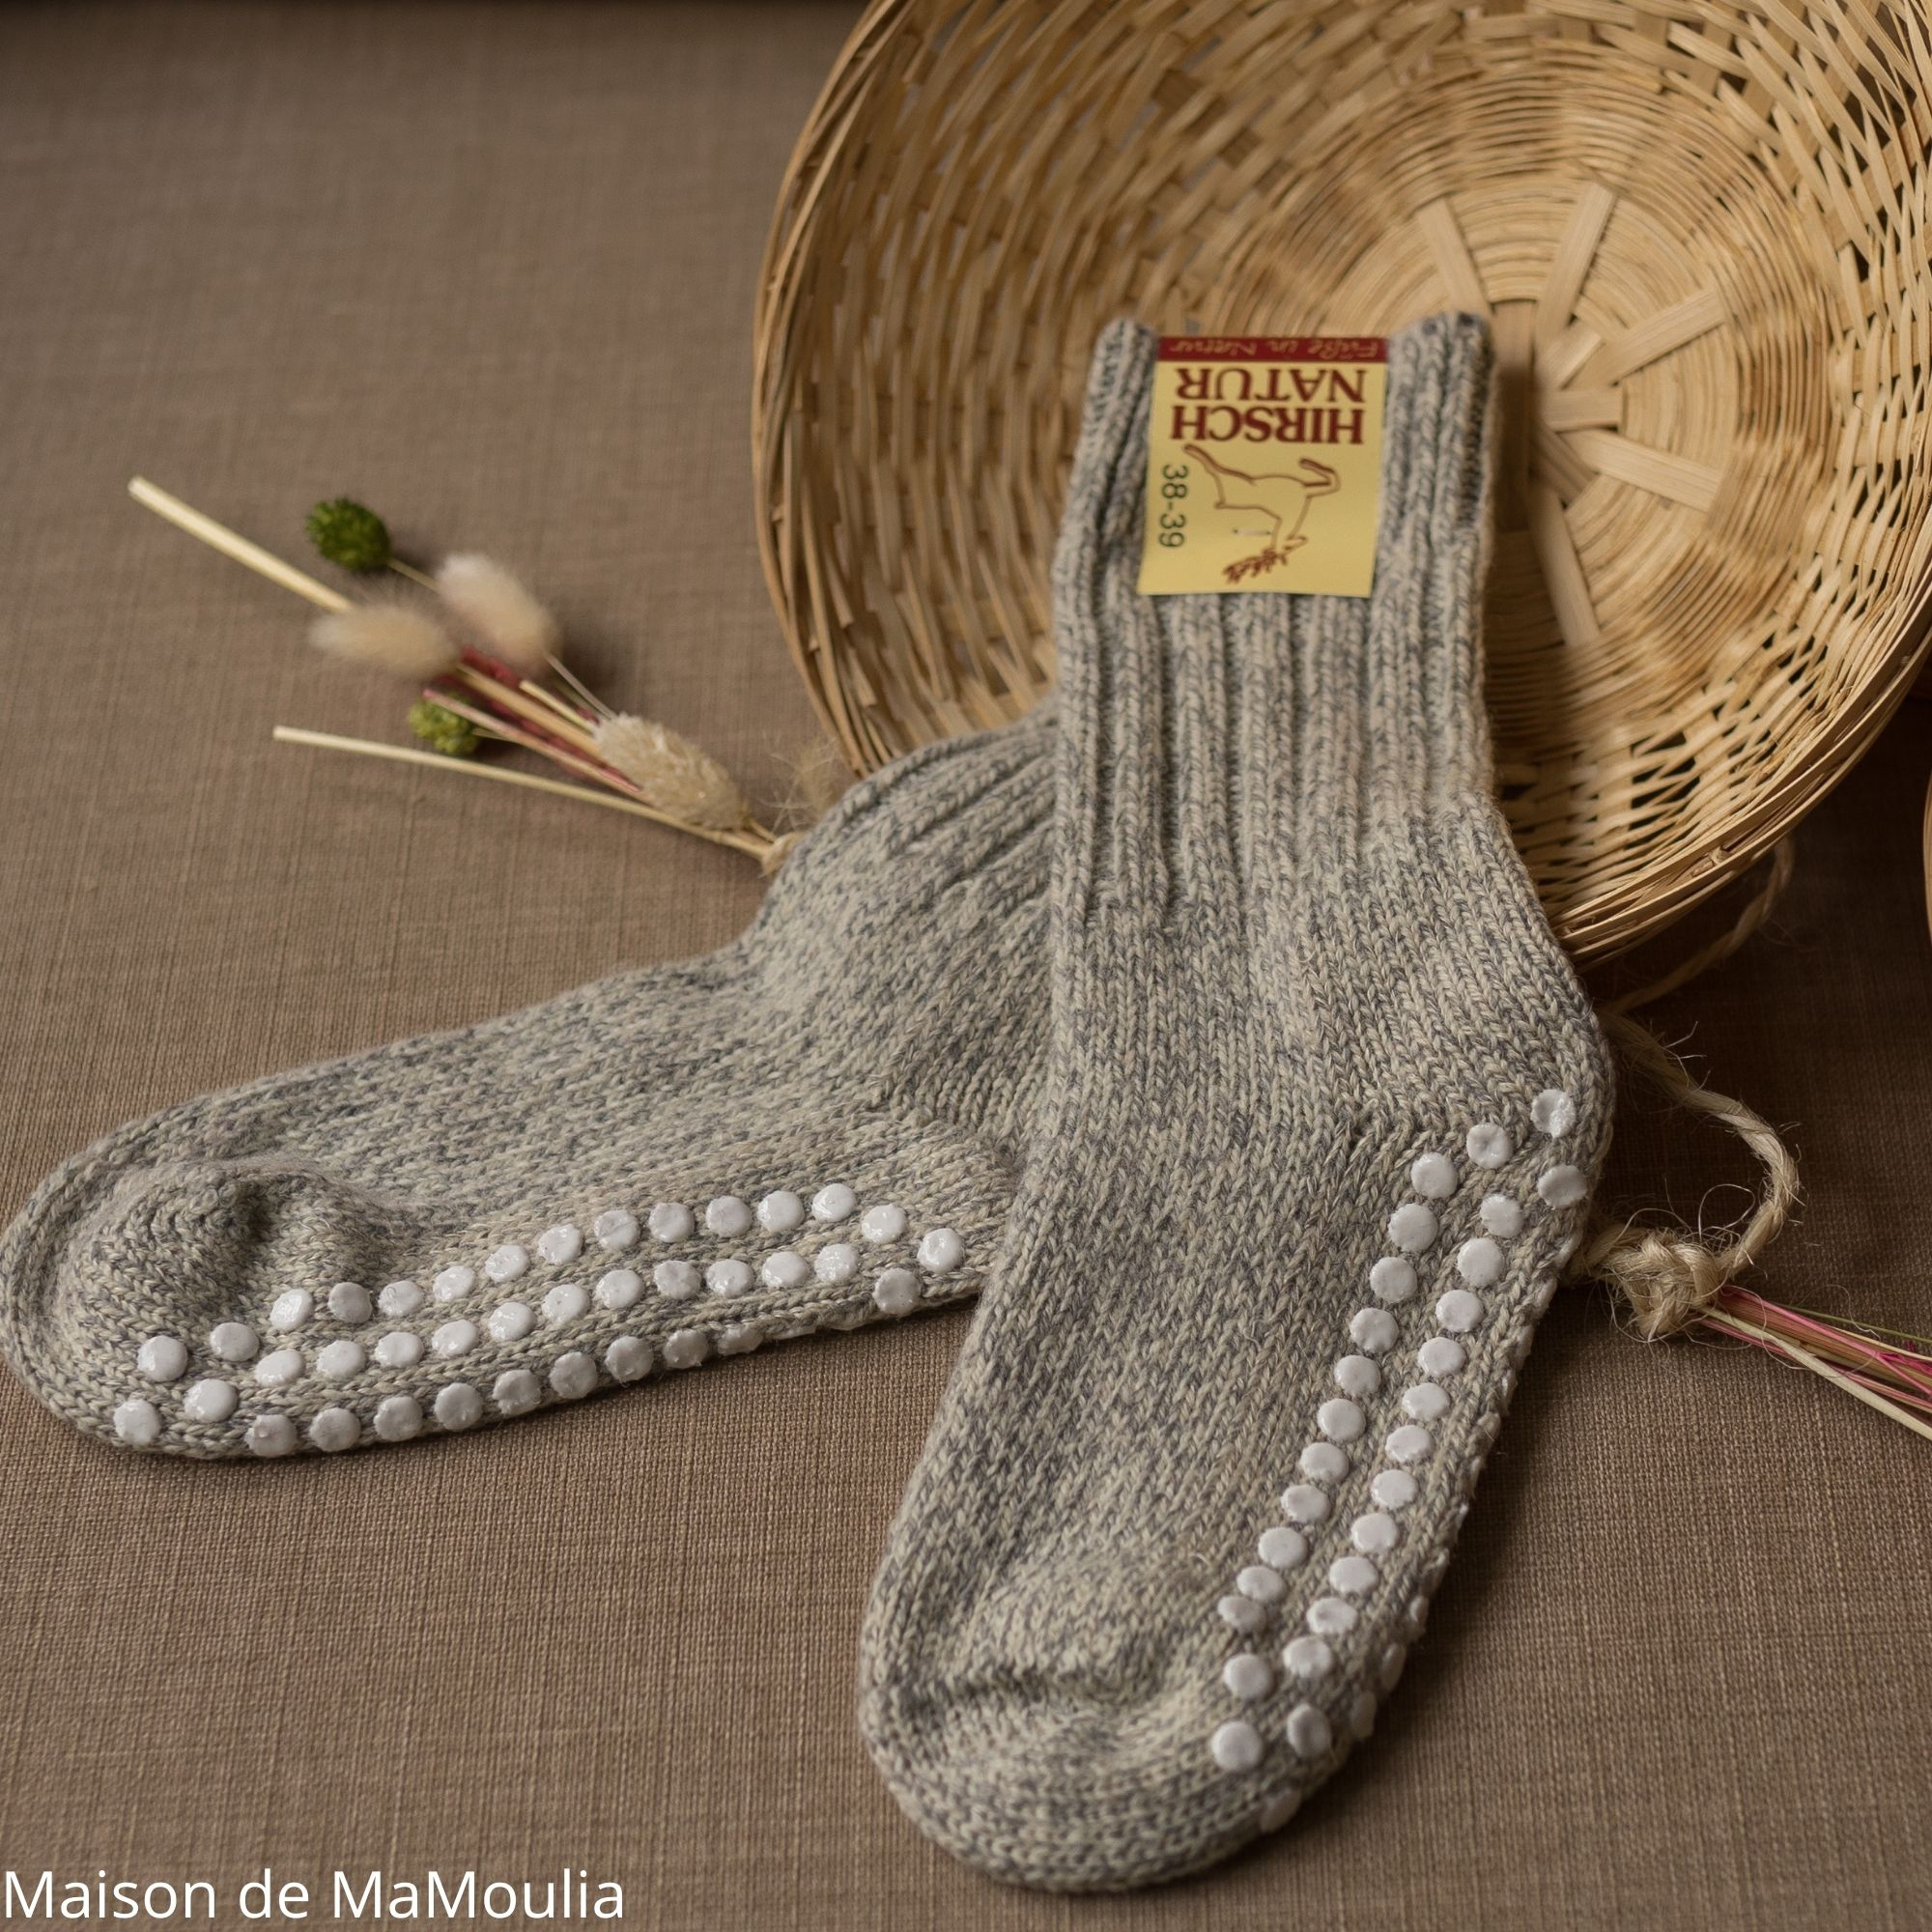 chaussettes-antiderapantes-homme-pure-laine-bio-ecologique-hirsch-natur-maison-de-mamoulia-gris-chine